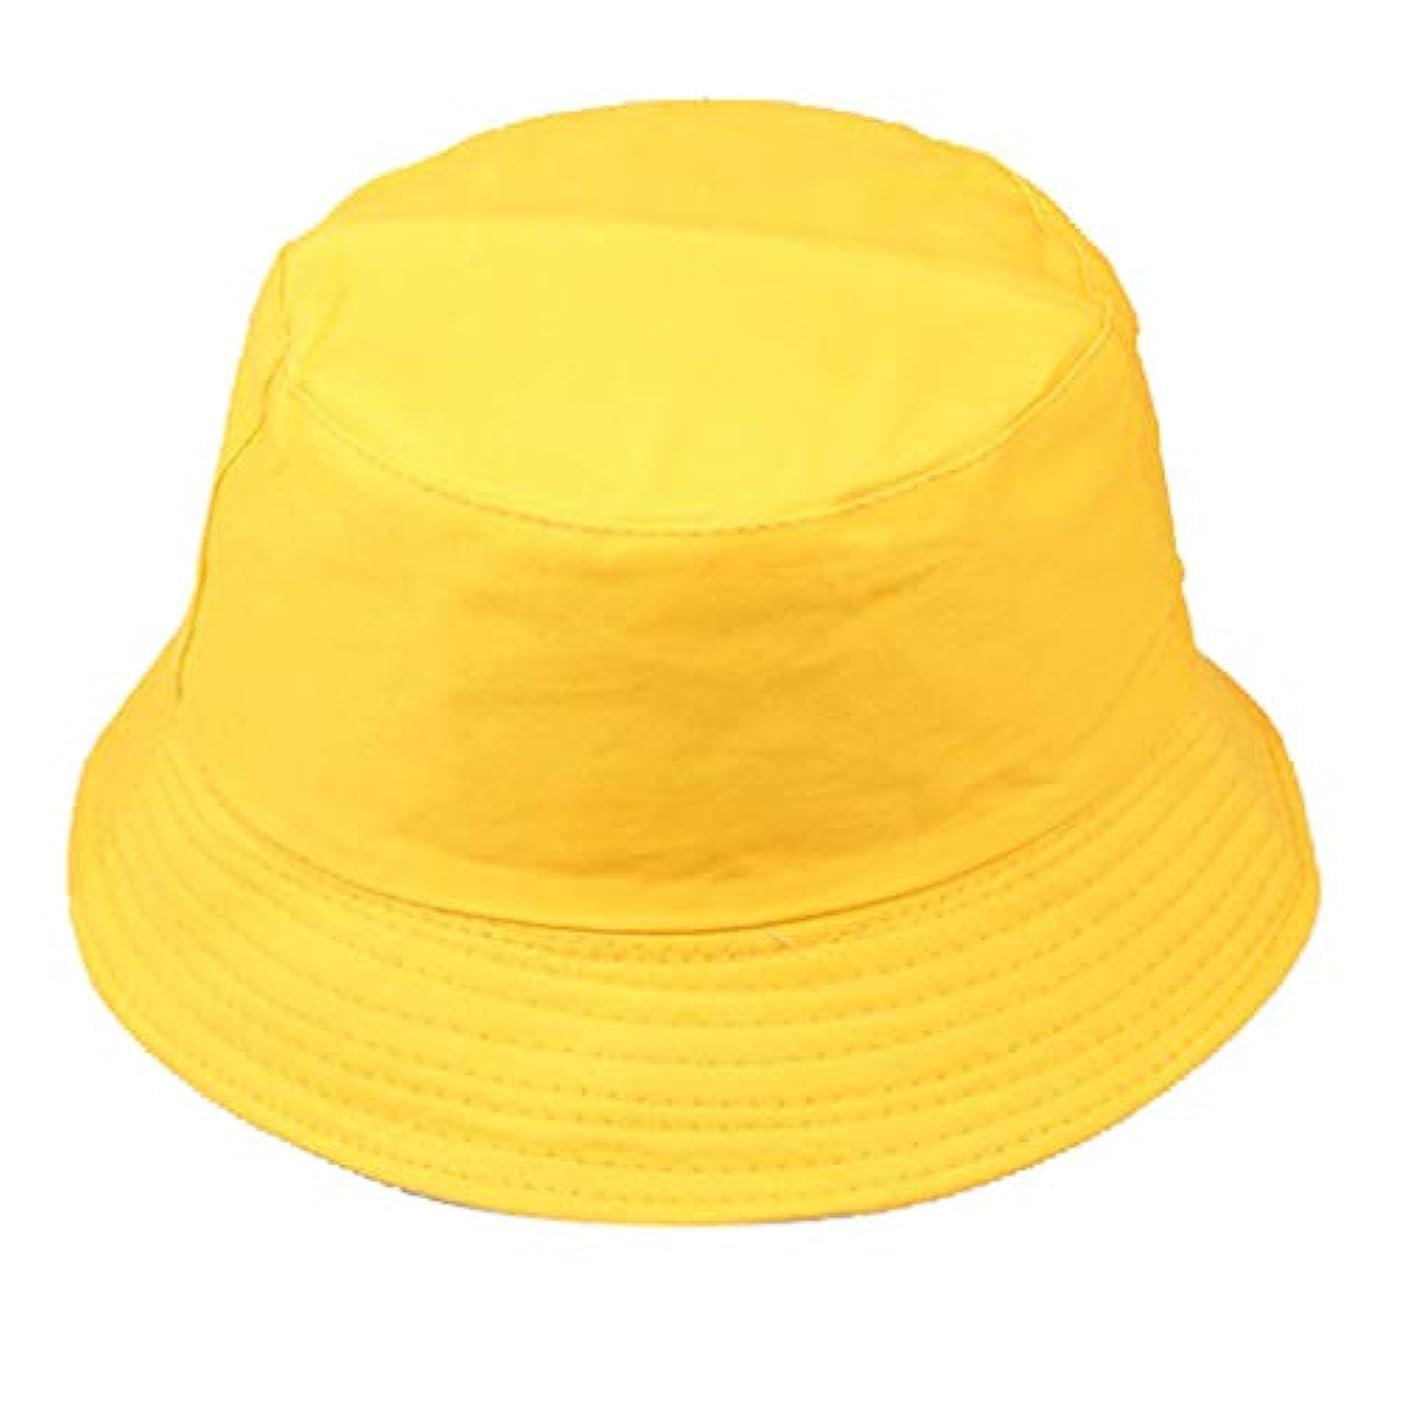 みすぼらしい検索エンジンマーケティング何故なの帽子 レディース 漁師帽 つば広 UVカット 熱中症 夏 海 紫外線 日除け レディース 帽子 キャップ ハット レディース 漁師の帽子 小顔効果抜群 アウトドア 紫外線対策 日焼け対策 ハット 調整テープ ROSE ROMAN